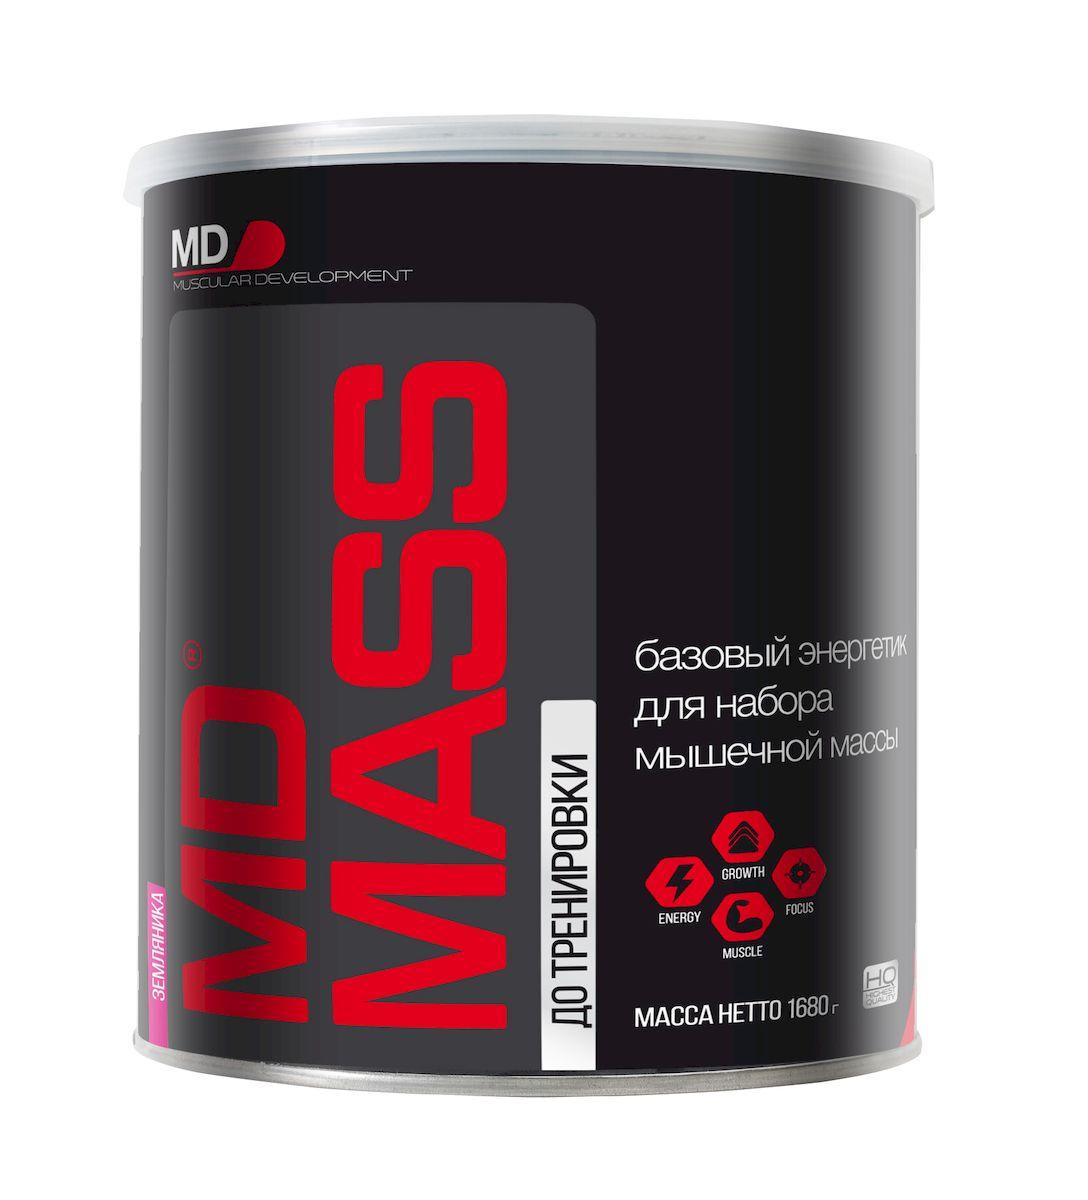 MD Энергетик Масс, 1,68 кг, лесная ягода4650069827369Базовый энергетик для набора мышечной массы MD Mass – формула для интенсивного набора сухой мышечной массы. MD Mass включает: Комплекс казеинатов молока, соевого и сывороточного белков, позволяющий сбалансировать аминокислотный профиль; смесь углеводов с пролонгированным временем расщепления; комплекс десяти витаминов; легкое смешивание без миксера; Состав: Белок 19 г на 10 столовых ложек (120г) с 400 мл воды, 31 г на 10 столовых ложек (120 г) с 400 мл 3% молока, углеводы 90 г на 10 столовых ложек (120г) с 400 мл воды, 109 г на 10 столовых ложек (120 г) с 400 мл 3% молока, Жир 4,2 г на 10 столовых ложек (120г) с 400 мл воды, 7,4 г 10 столовых ложек (120 г) с 400 мл 3% молока, калории 474 ккал на 10 столовых ложек (120г) с 400 мл воды, 707 ккал 10 столовых ложек (120 г) с 400 мл 3% молока, кальций 0,51 г на 10 столовых ложек (120г) с 400 мл воды, 0,87 г на 10 столовых ложек (120 г) с 400 мл 3% молока, магний 0,08 г на 10 столовых ложек (120г) с 400 мл воды, 0,13 г на 10 столовых...